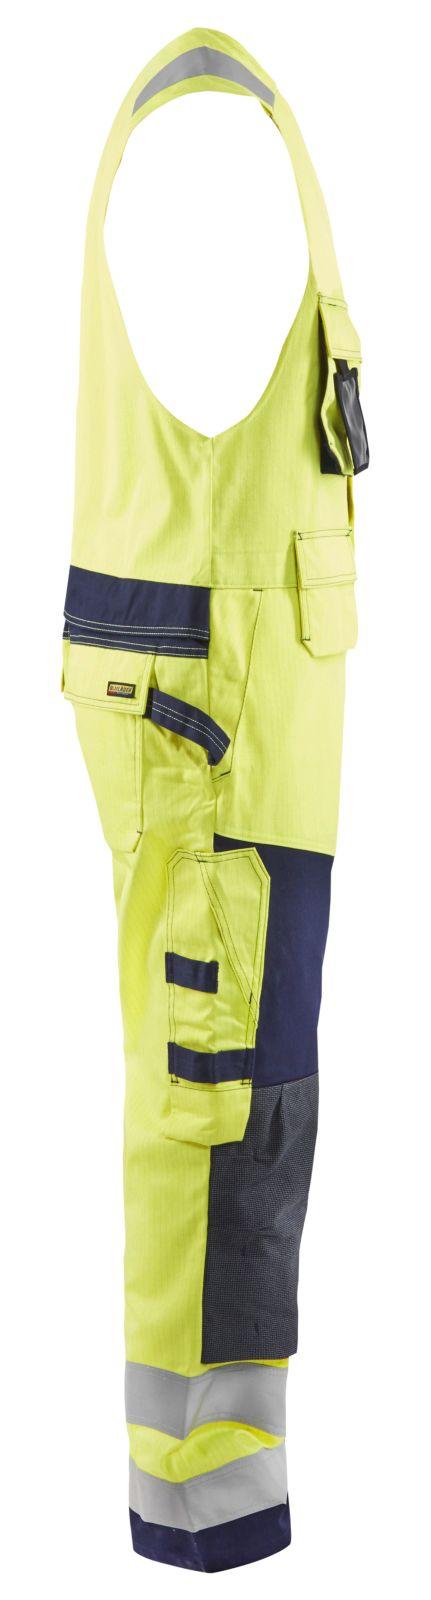 Blaklader Bodybroeken 26781514 Multinorm geel-marineblauw(3389)